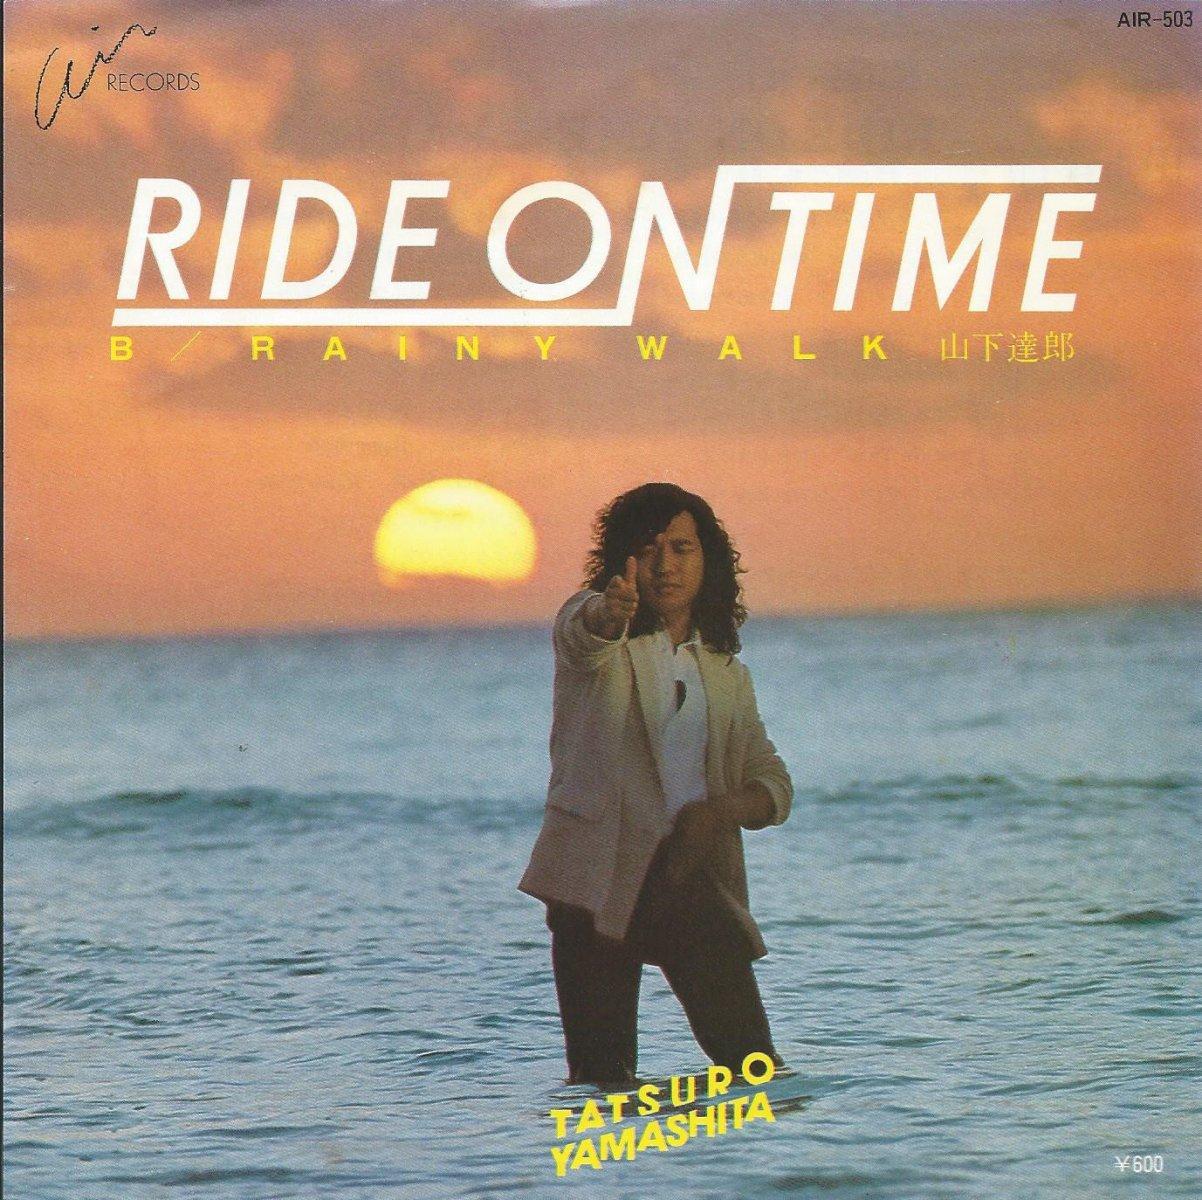 山下達郎 TATSURO YAMASHITA / RIDE ON TIME ライド・オン・タイム (7